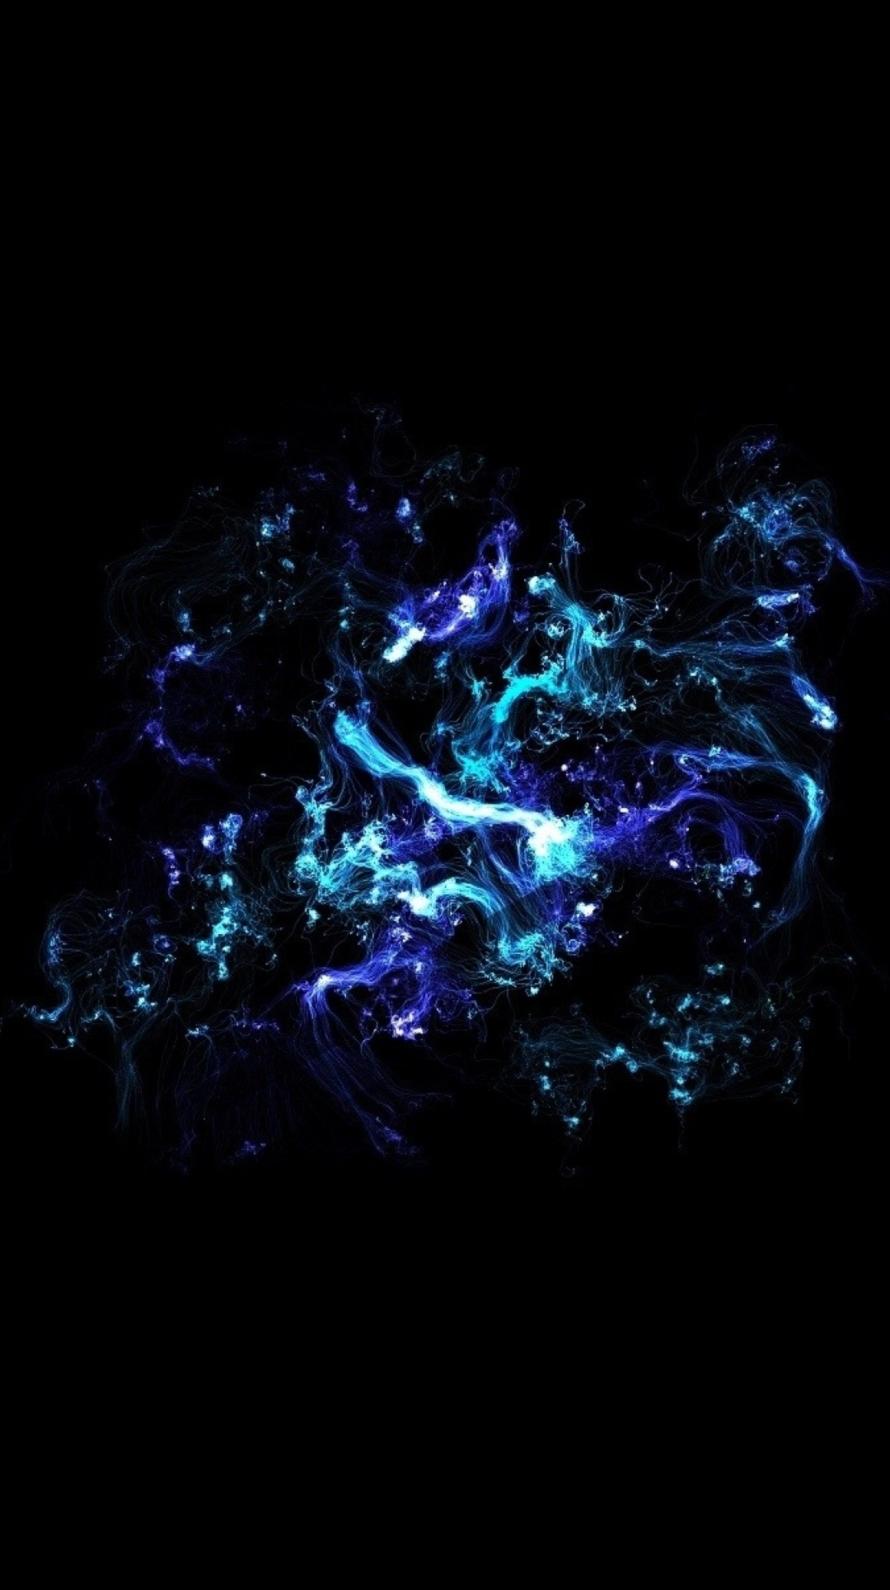 青と紫の光 iPhone6壁紙